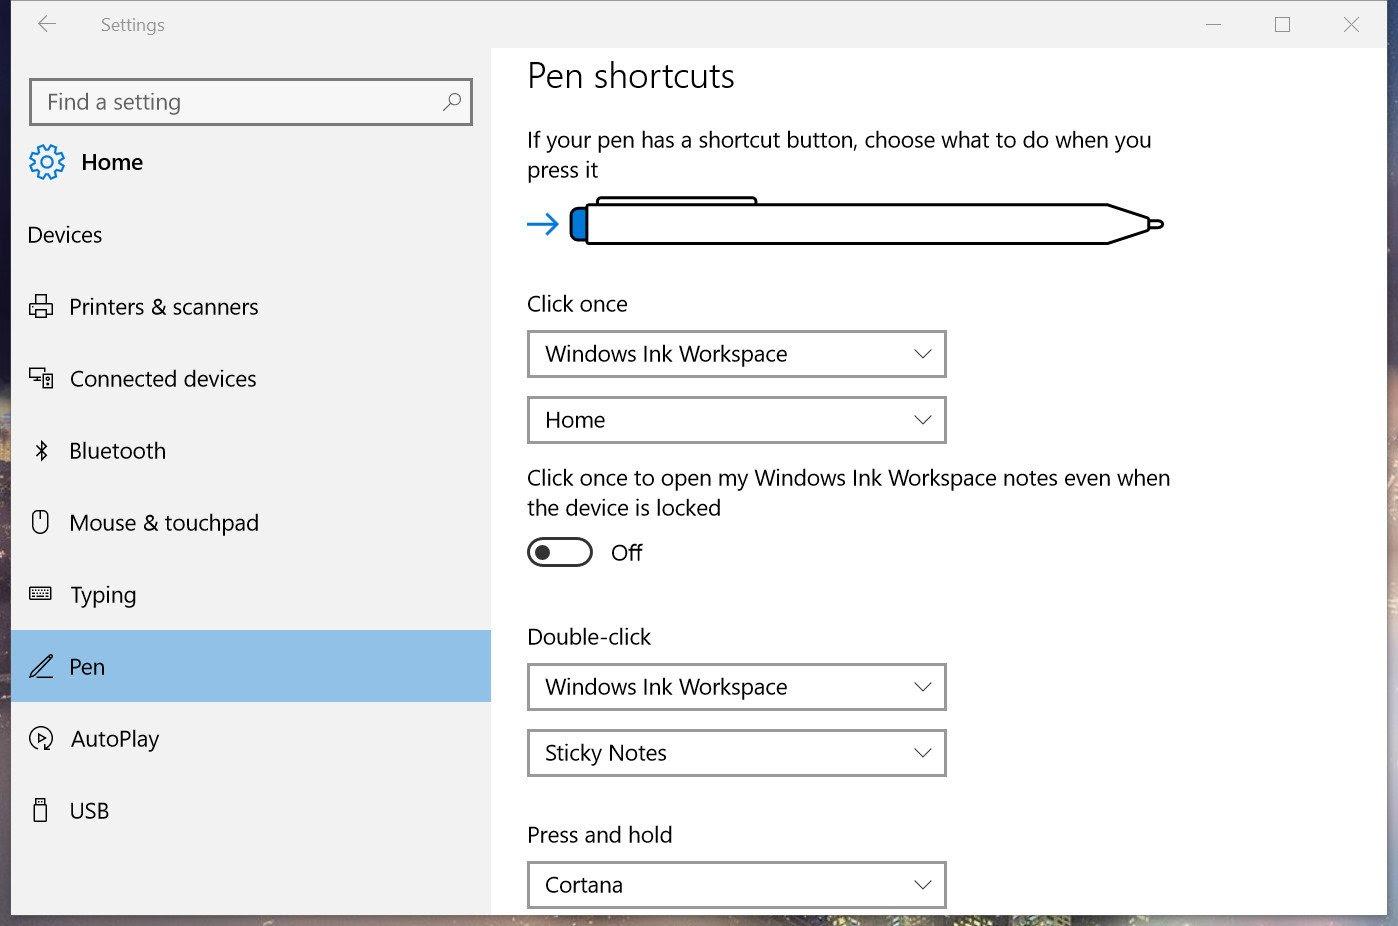 Pen Shortcuts